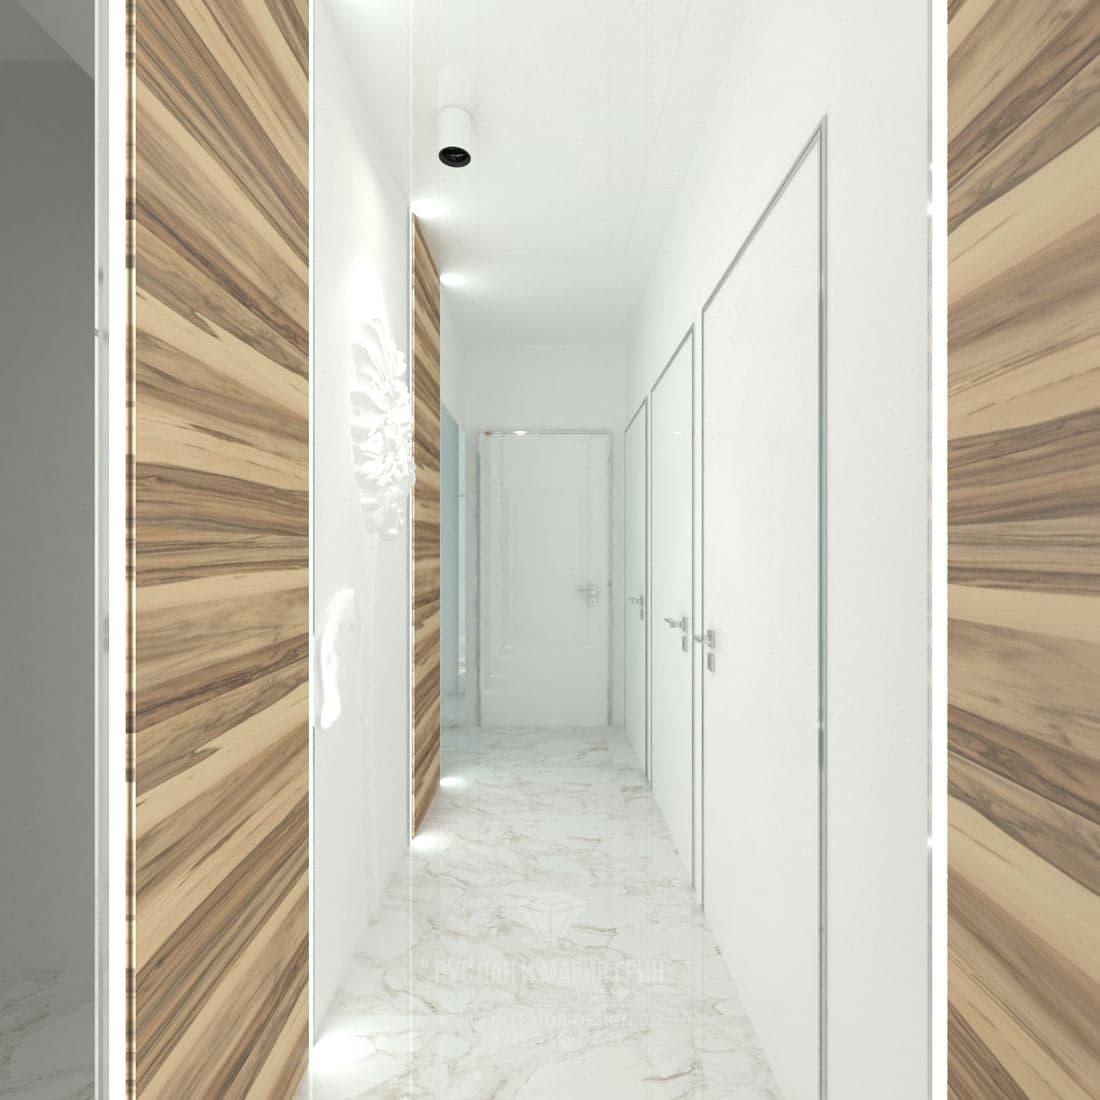 Дизайн интерьера современного салона красоты. Коридор